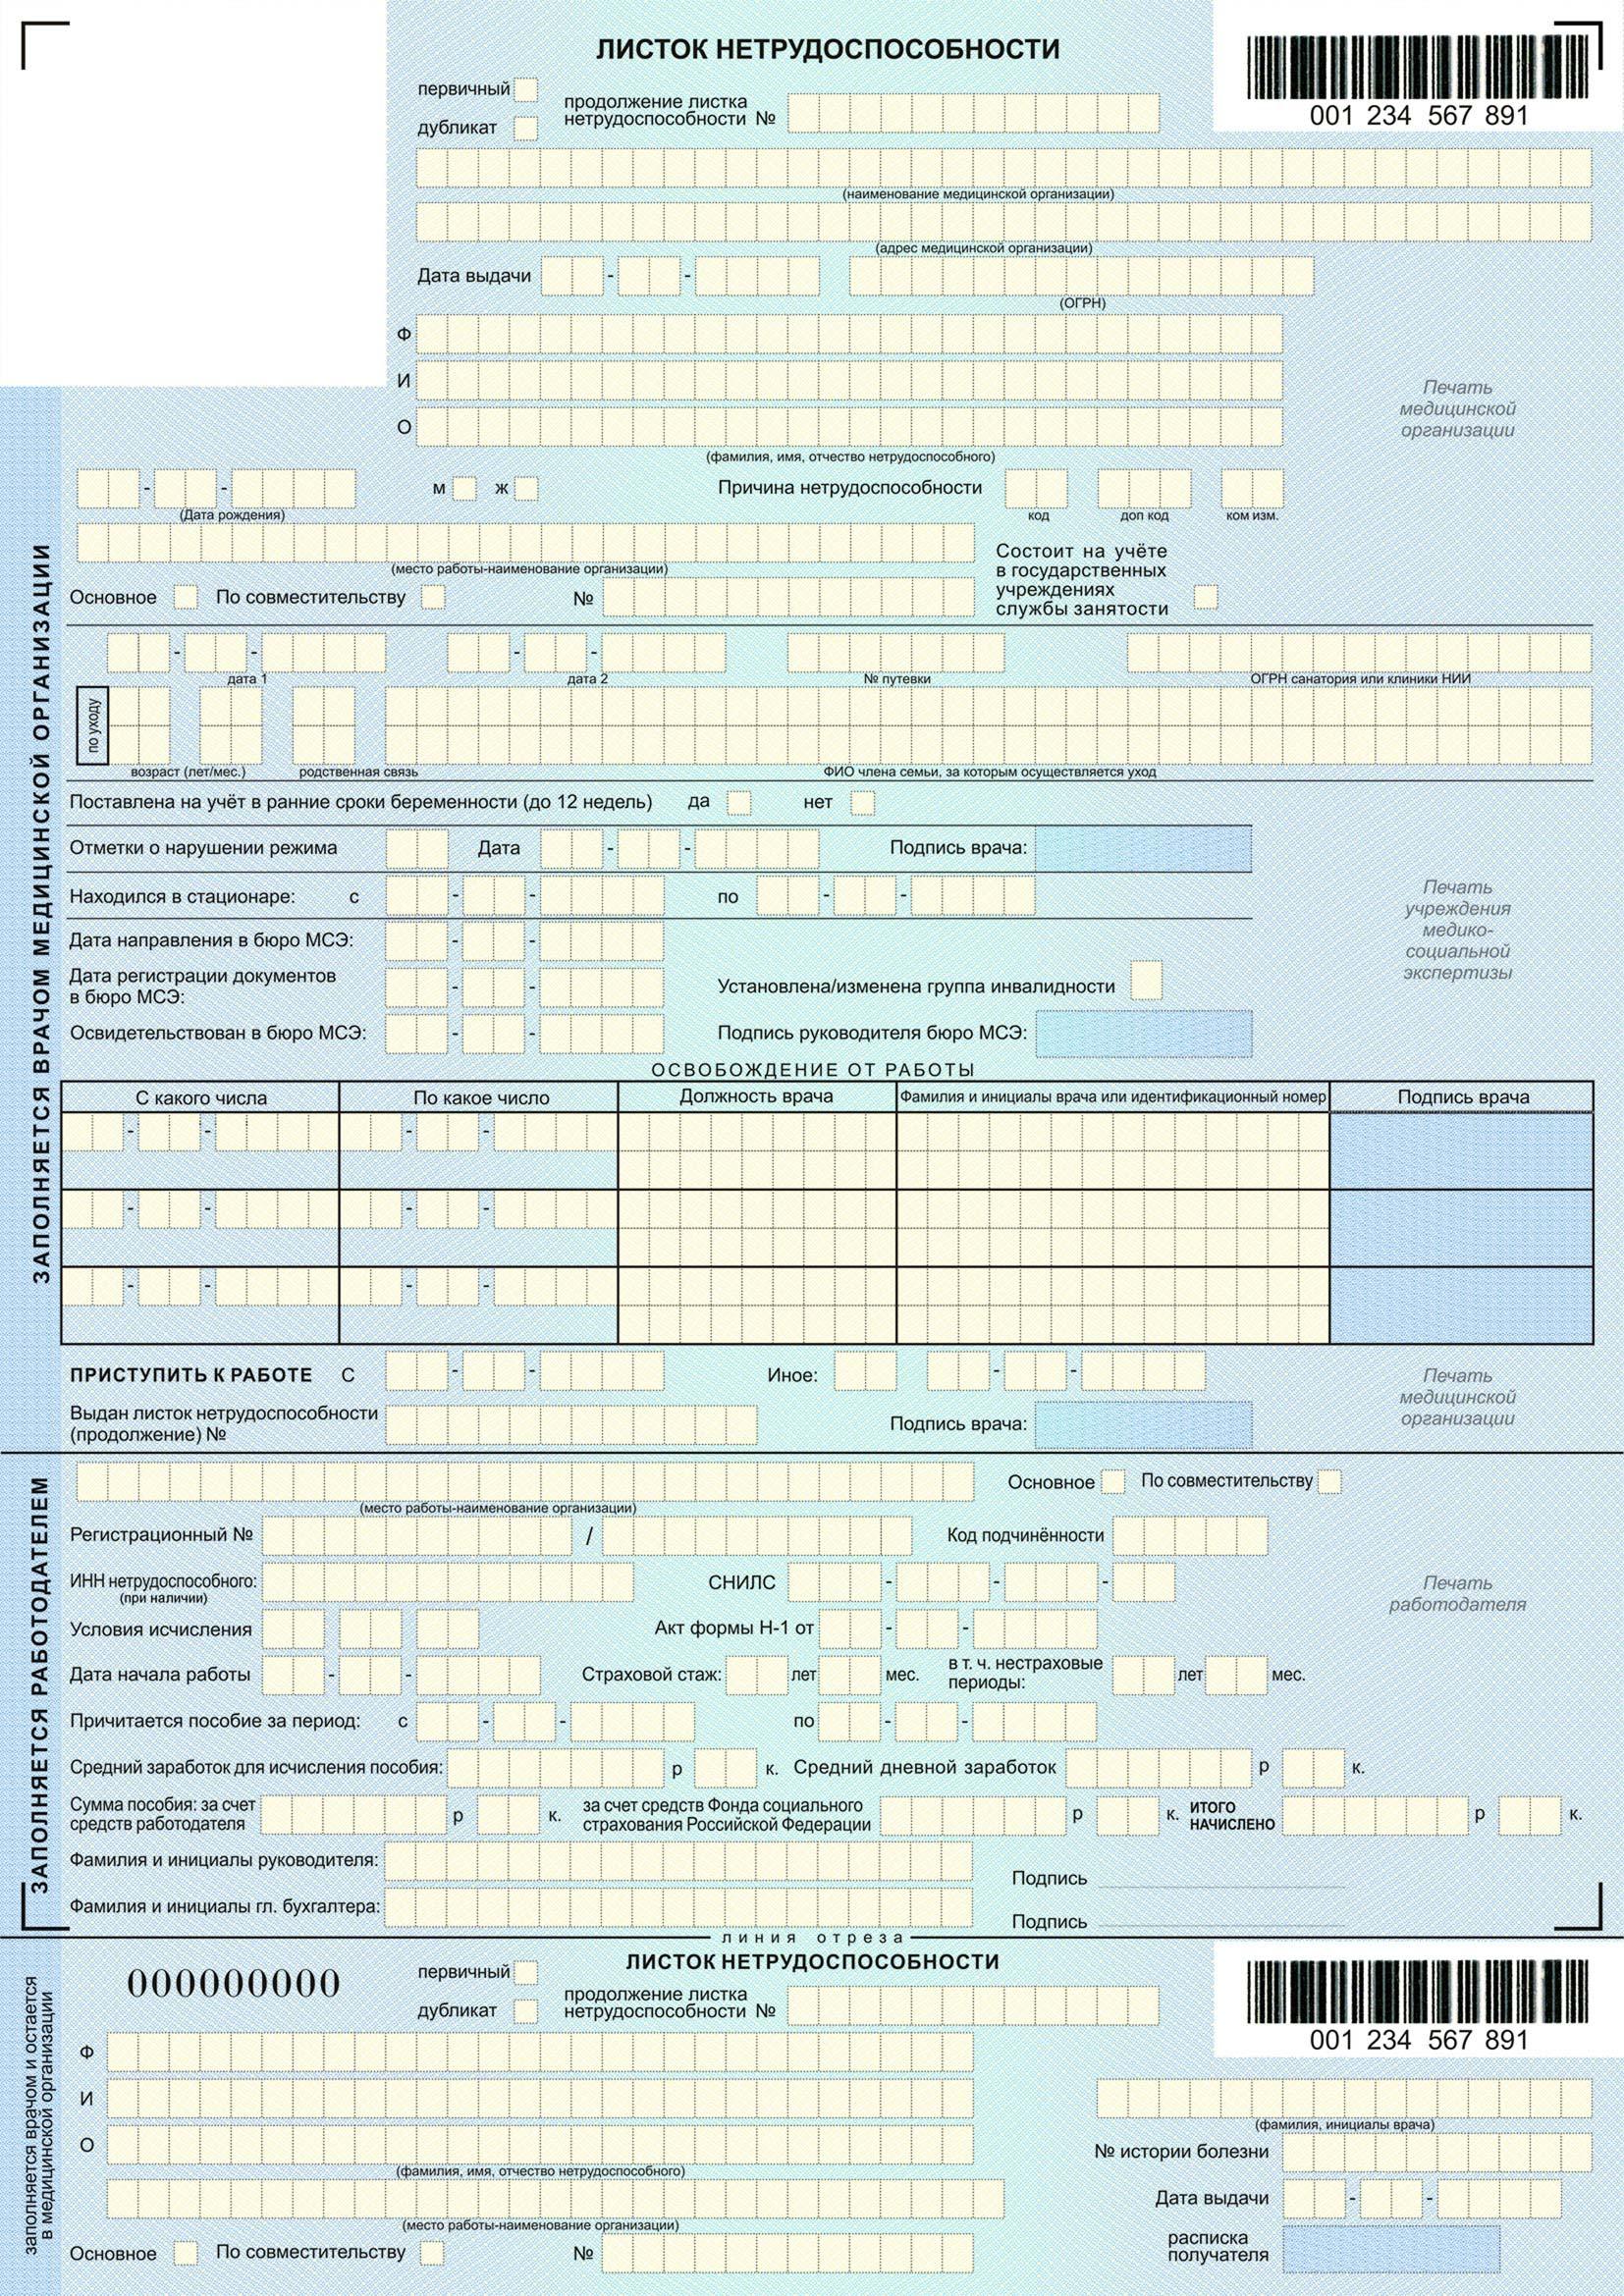 Больничный лист по новым правилам 2015 анализ мочи на сахар ацетон